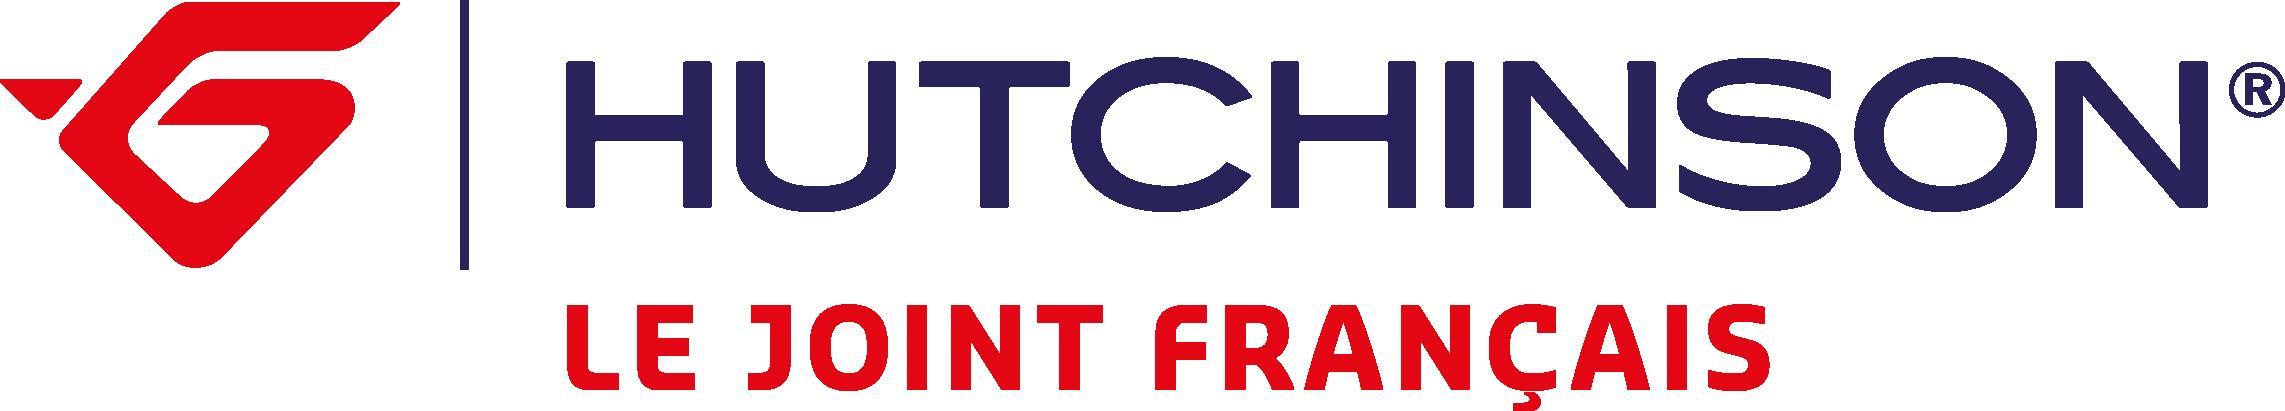 1633528142-hutchinson-le-joint-francais-.png